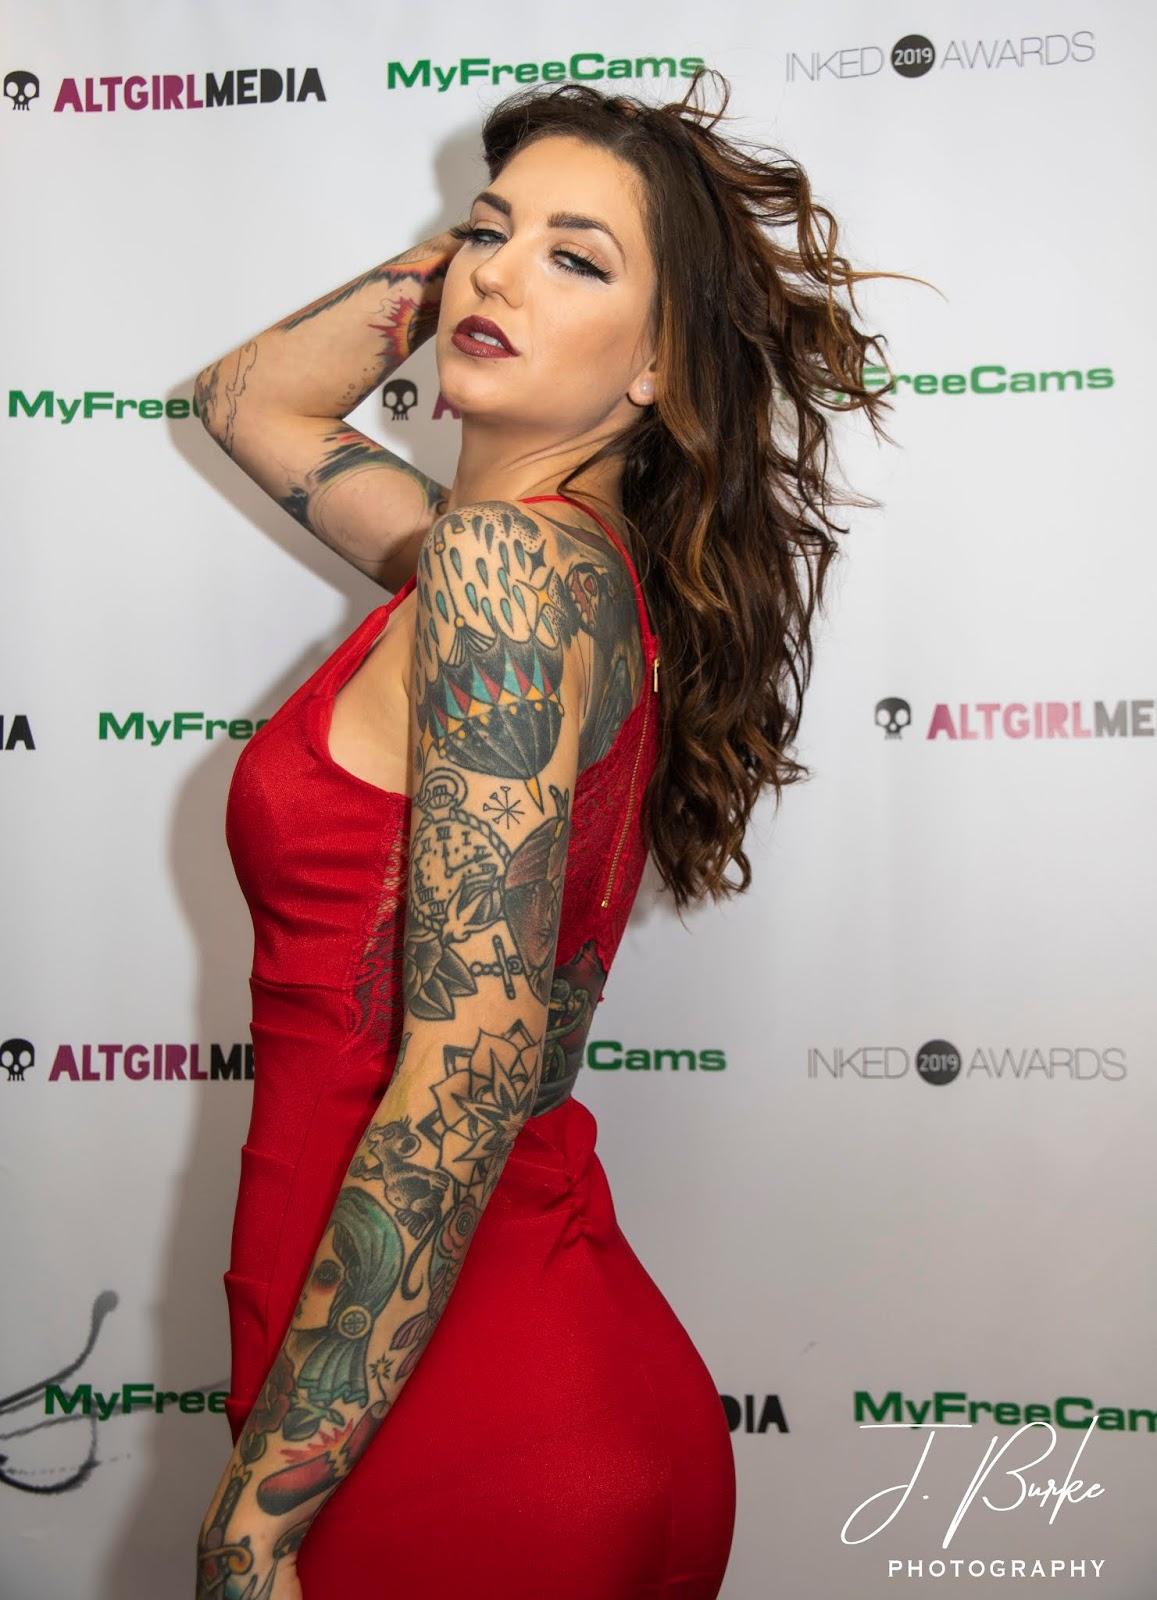 Ava Minx